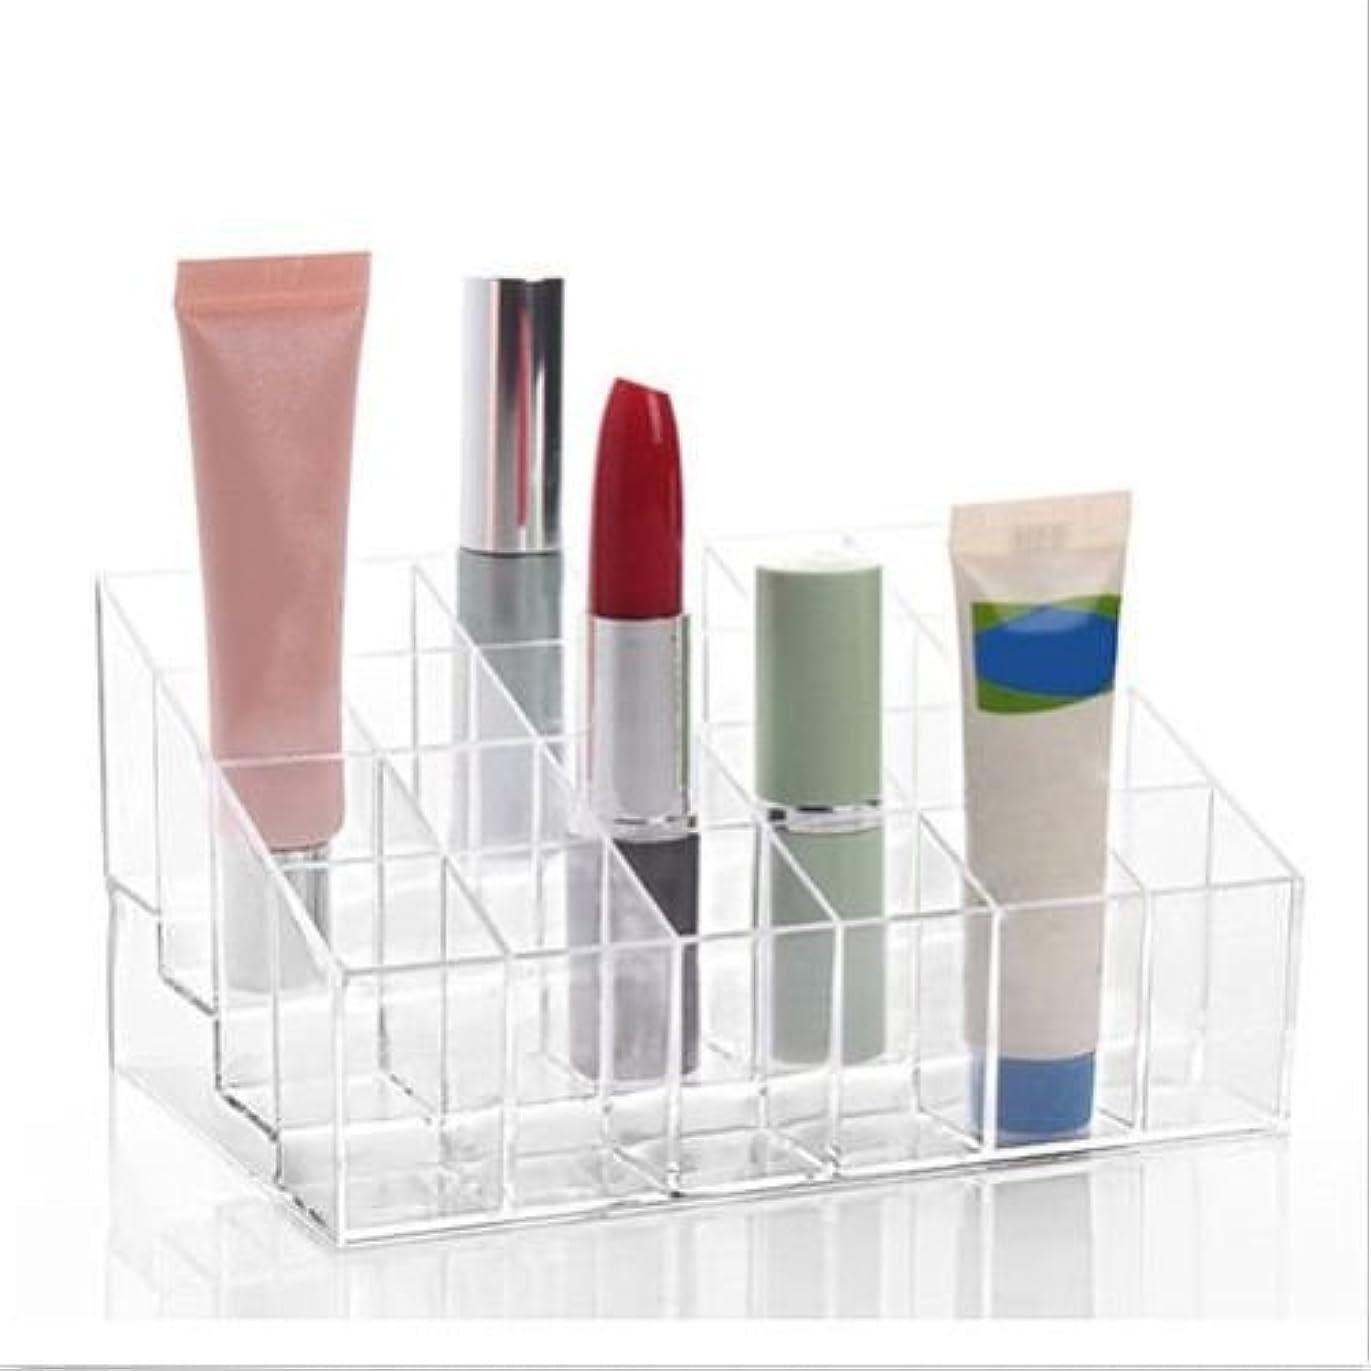 在庫レイアウト希少性BEE&BLUE 洗面所 化粧品 メイク 小物 収納 ボックス 収納スタンド コスメ 化粧品 口紅 香水 24 アクリルボックス 透明